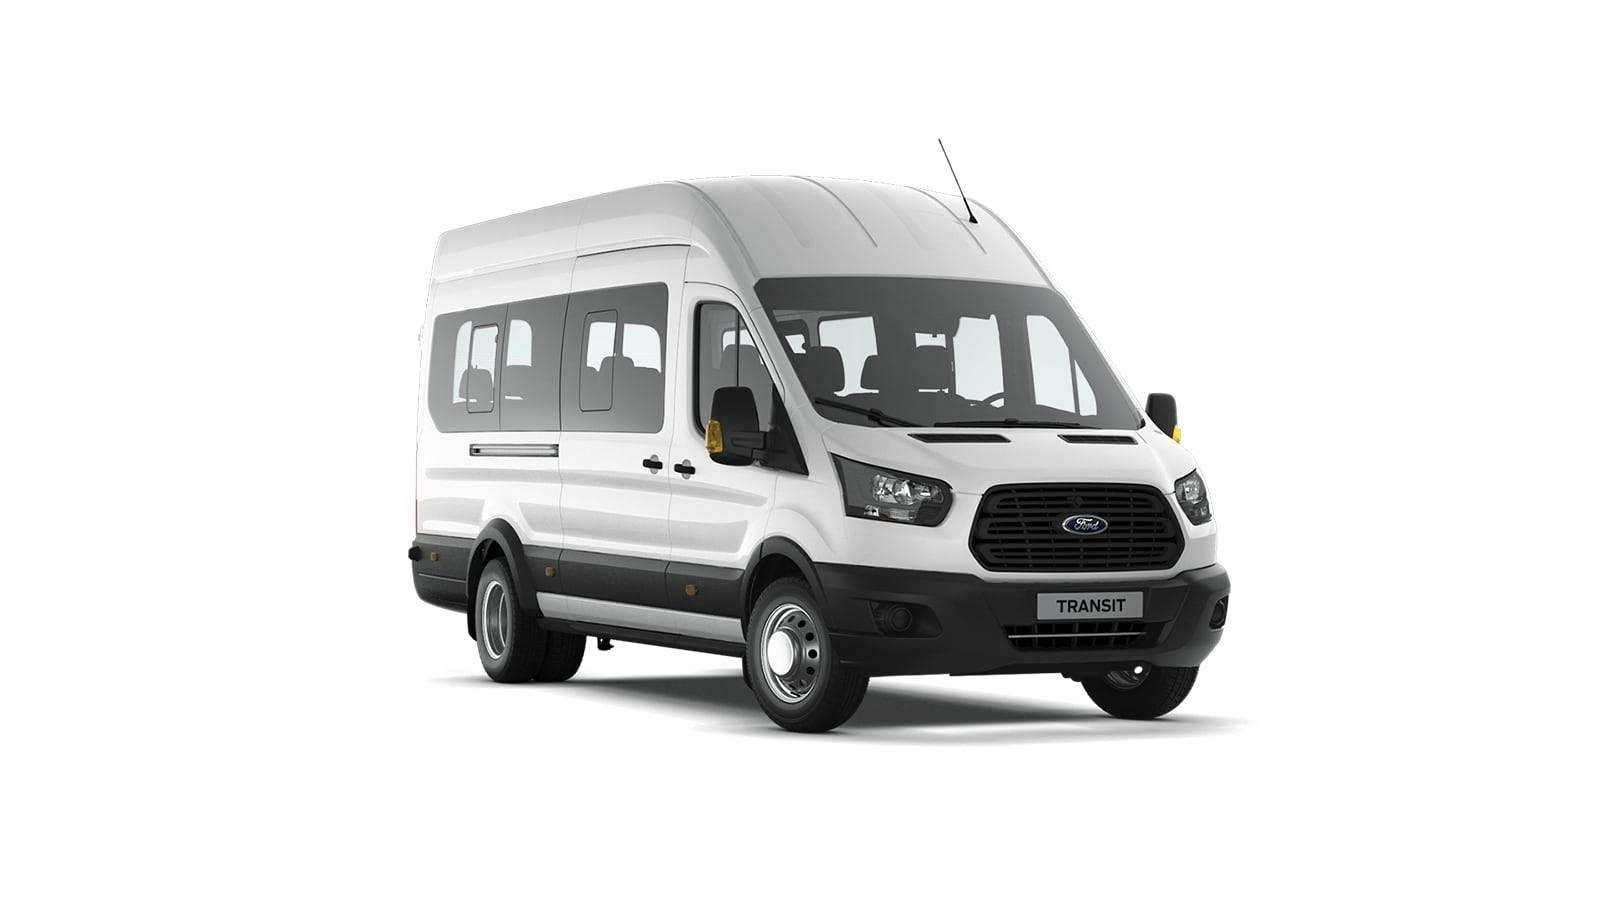 FORD TRANSIT 2.2 TDCI MT (135 л.с.) Маршрутное такси Туристический автобус (17+0+1)